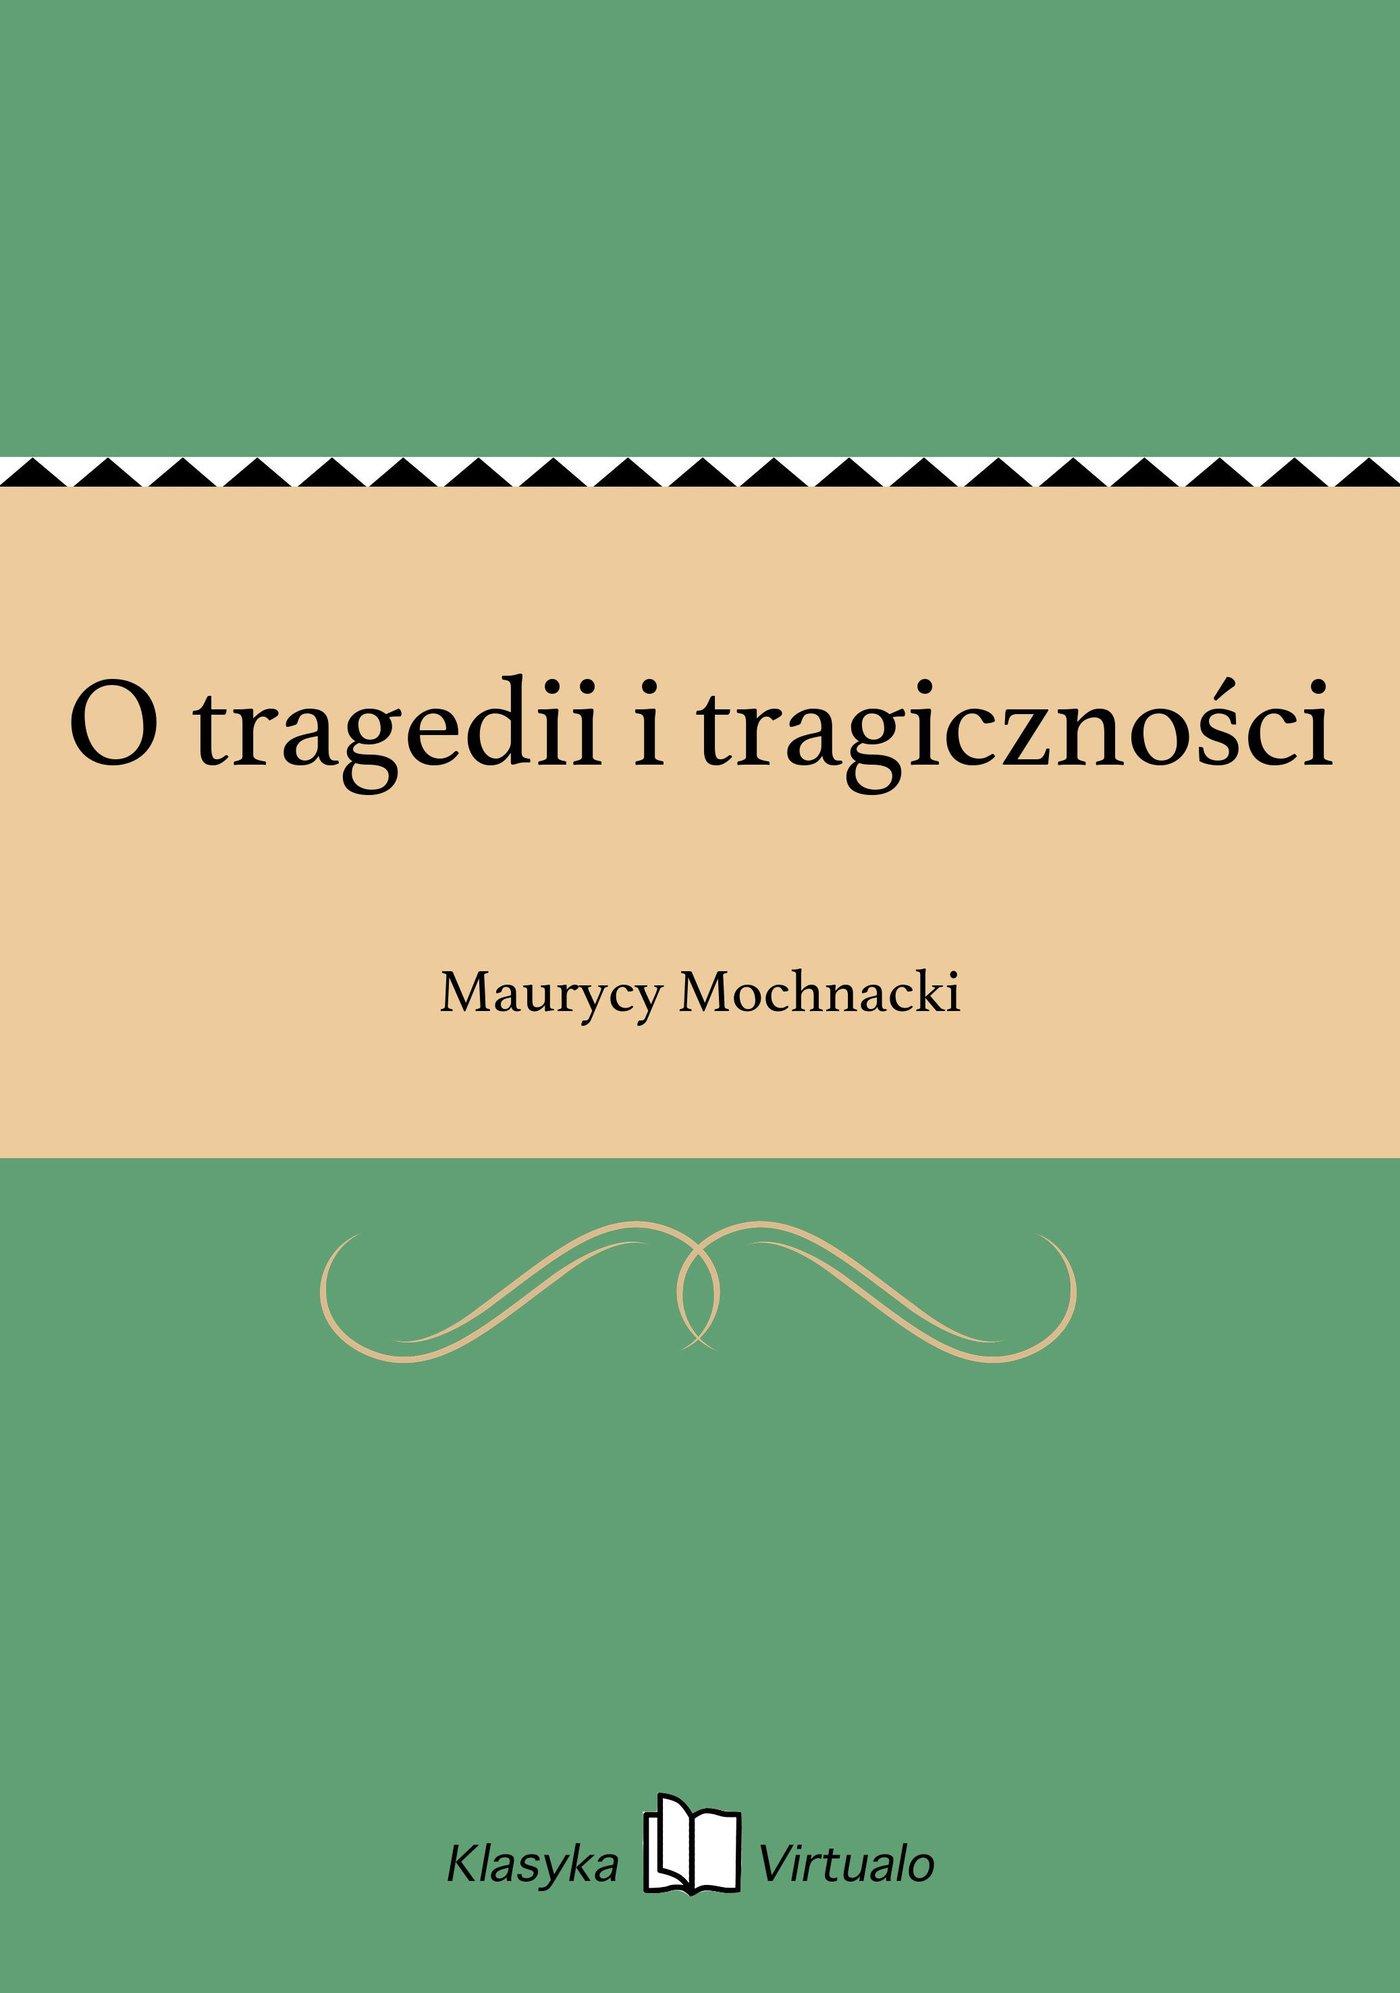 O tragedii i tragiczności - Ebook (Książka EPUB) do pobrania w formacie EPUB